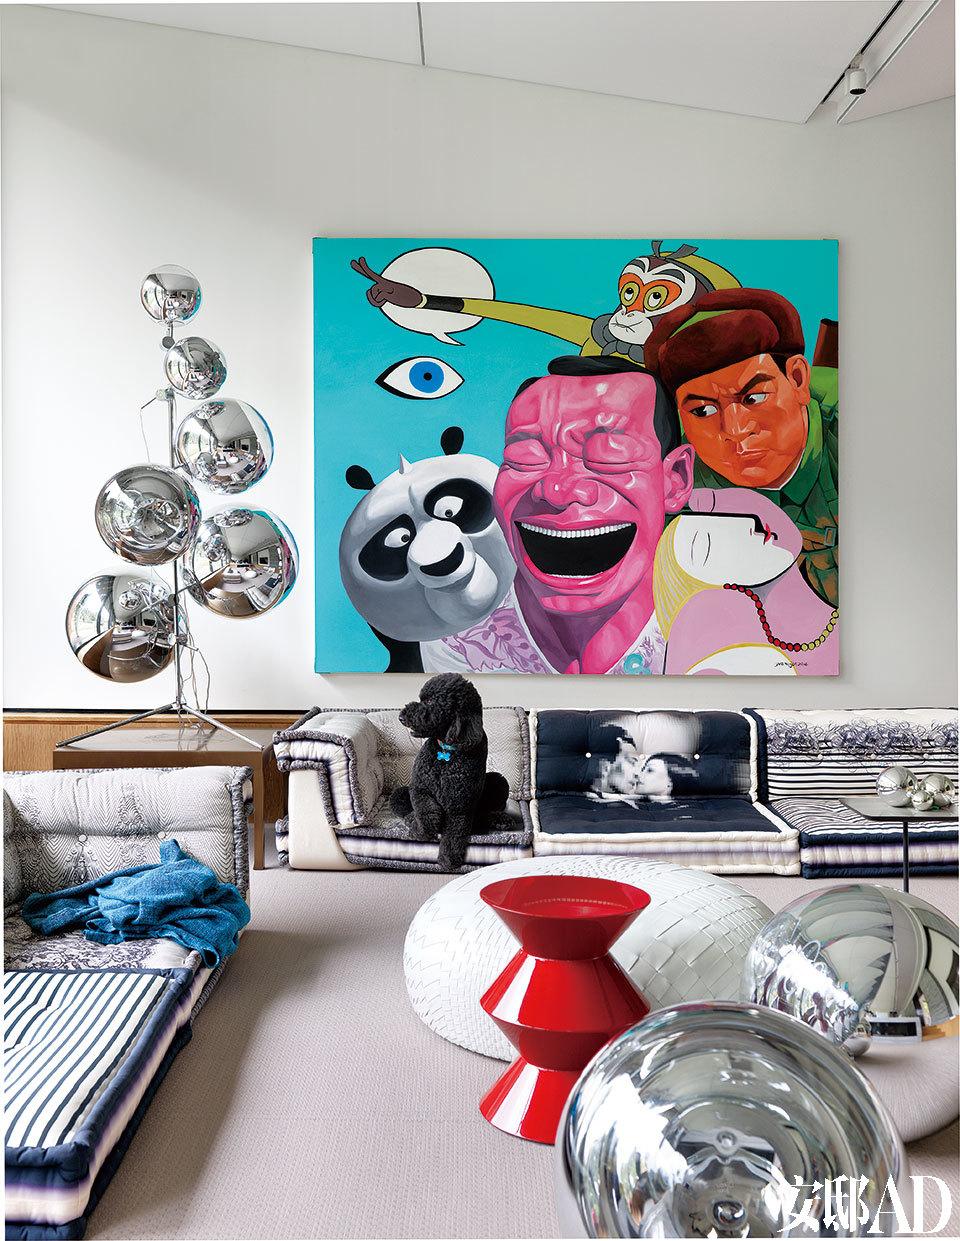 位于一层的另一个小客厅里,设计感十足的家具与艺术品成为主角。红色与橘色座椅来自B&B Italia,灰色沙发同样来自B&B Italia,名为Tufty-Too,白色落地灯来自Roll & Hill,架子上的枝形烛台来自Tom Dixon,以上物品均购于家天地。新建的大客厅空间是主人与客人们的最爱。王中磊说自己没事时,最爱坐在这里放空。墙上的艺术品是岳敏君为这个家定制的。画作旁的银色球形灯来自Tom Dixon,名为Mirror Balls Tree,白色矮墩是Dew by Nendo,来自Moroso,红色咖啡桌来自Minotti,银色球形墩来自Tom Dixon,同样属于Mirror Balls系列。以上物品均来自家天地。沙发为罗奇堡经典的麻将沙发,此图案系列为Jean Paul Gaultier的设计。沙发上的蓝色盖毯来自宜家家居。多年好友岳敏君特意为王中磊创作的大幅画作,被挂在客厅里最好的位置。画中特意加入了多个经典电影形象,还有男主人平生第一个崇拜的偶像————董存瑞!